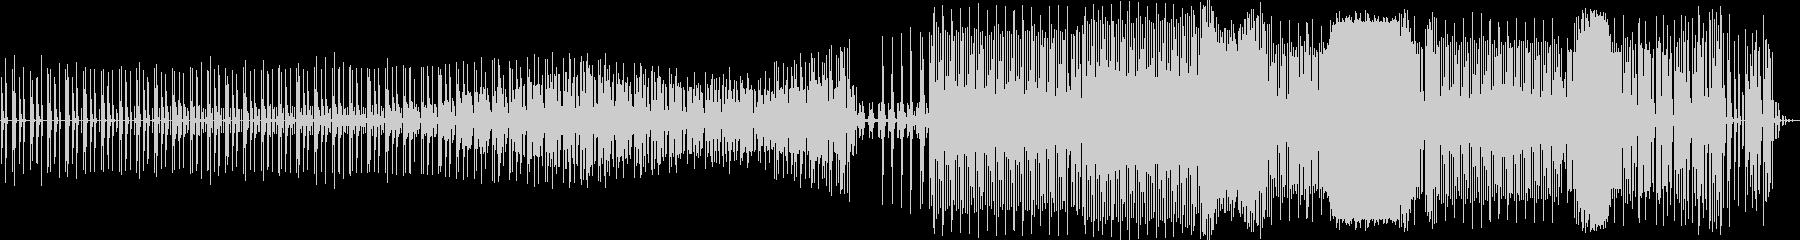 テクノ。 80音。の未再生の波形